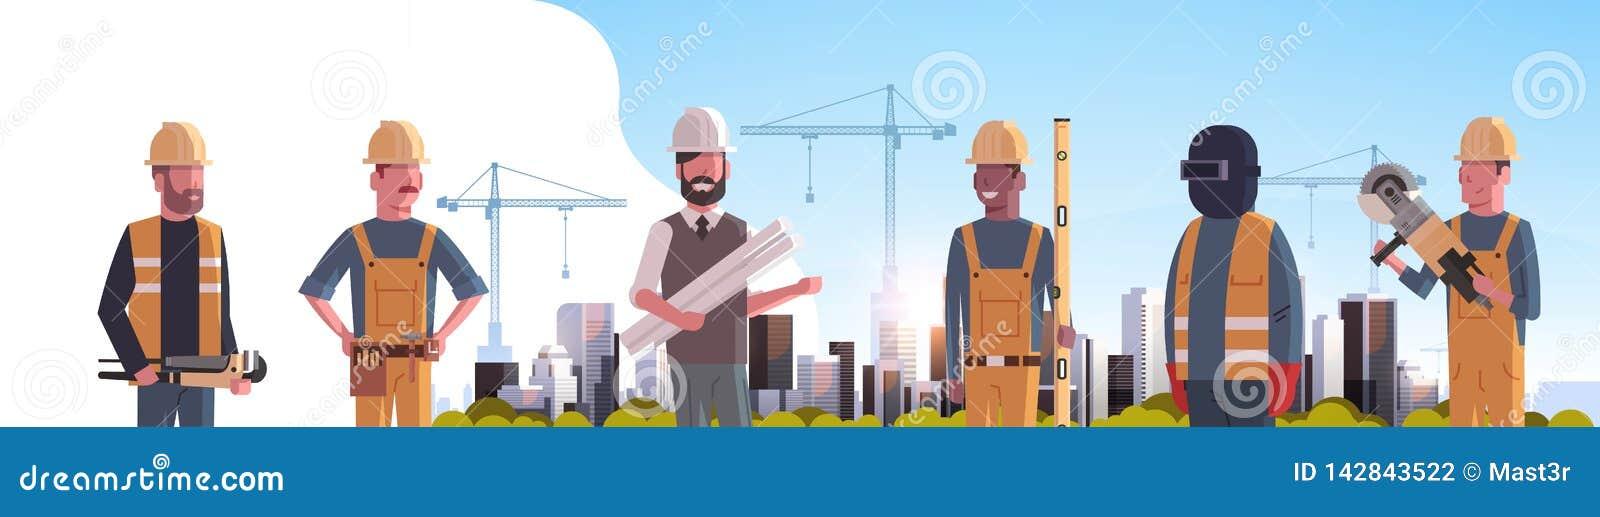 Pracownicy budowlani zespalają się przemysłowej techników budowniczych grupy nad miasto budowy basztowych żurawi budować